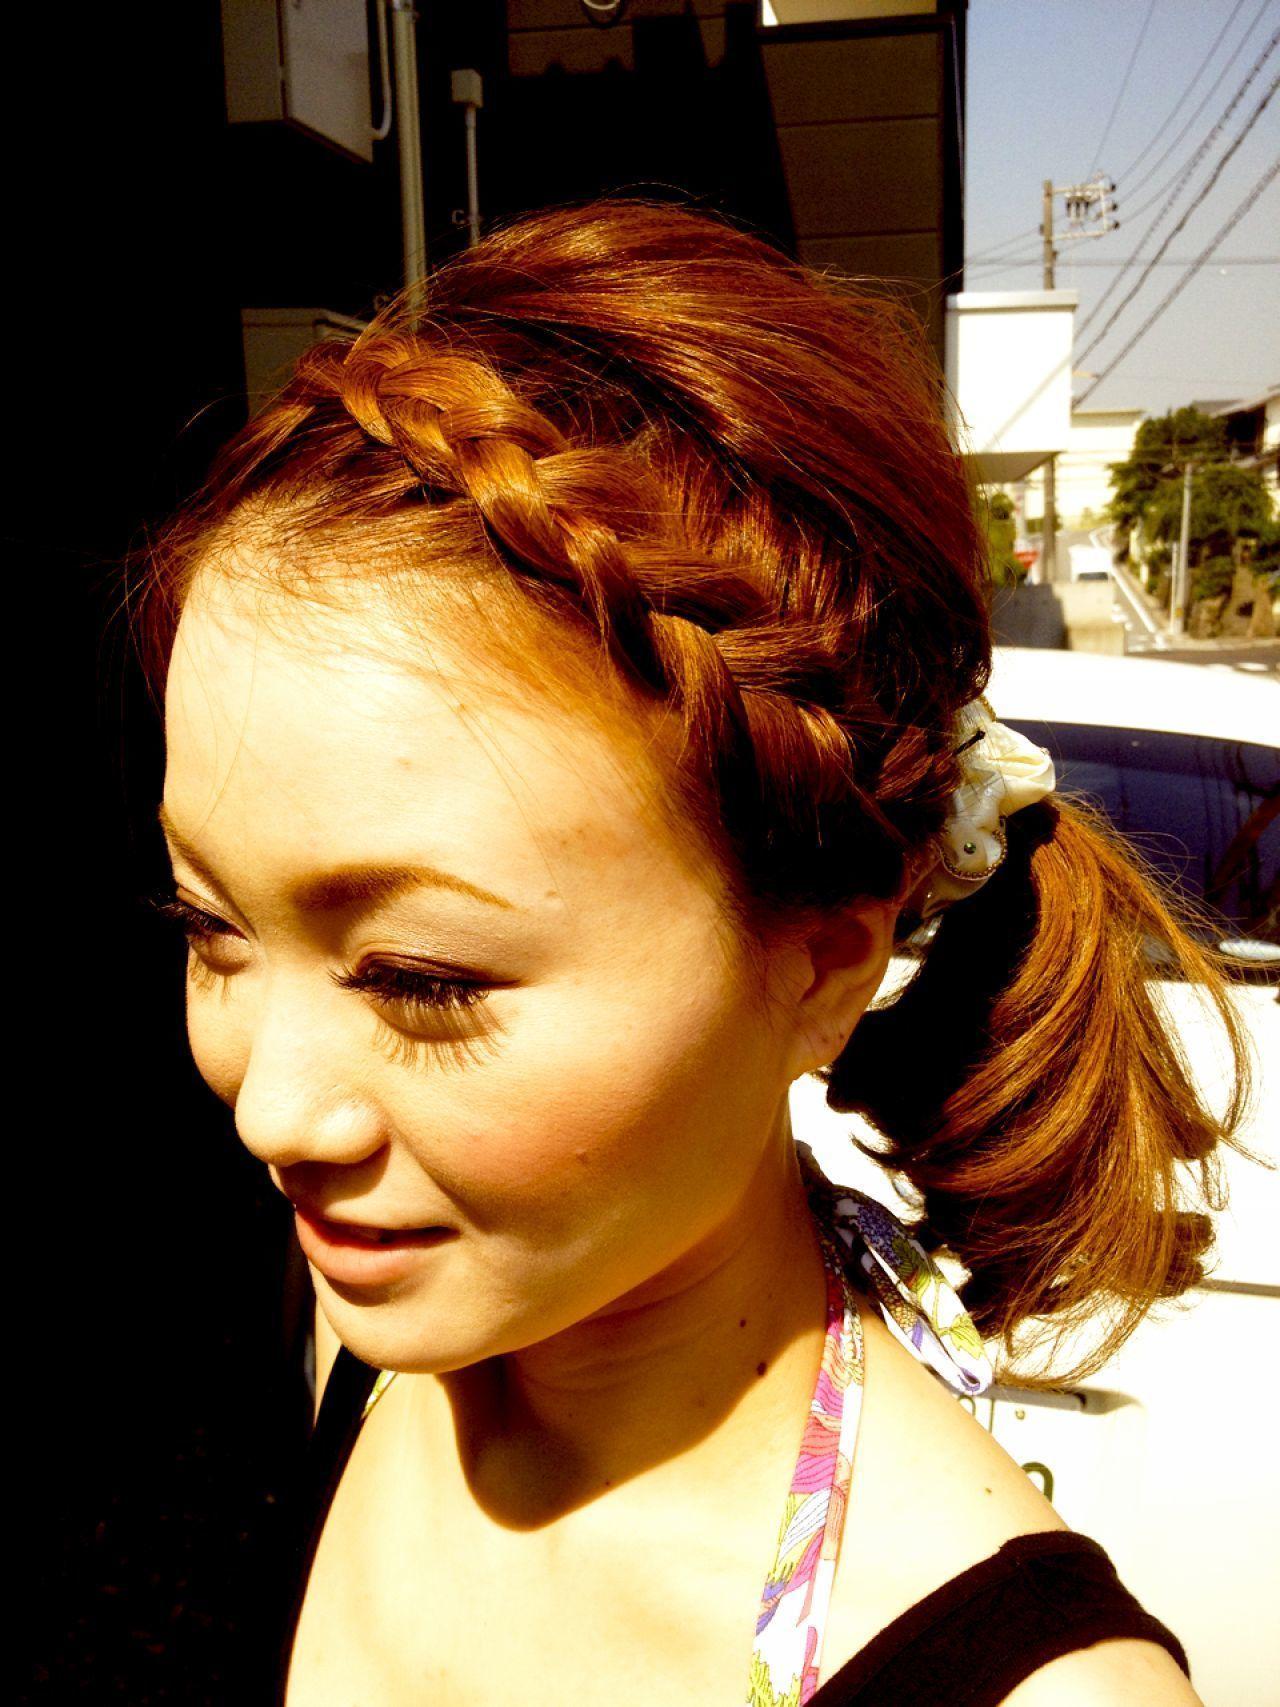 夏のヘアアレンジ特集。おしゃれで透明感ある涼しげスタイルの12枚目の画像